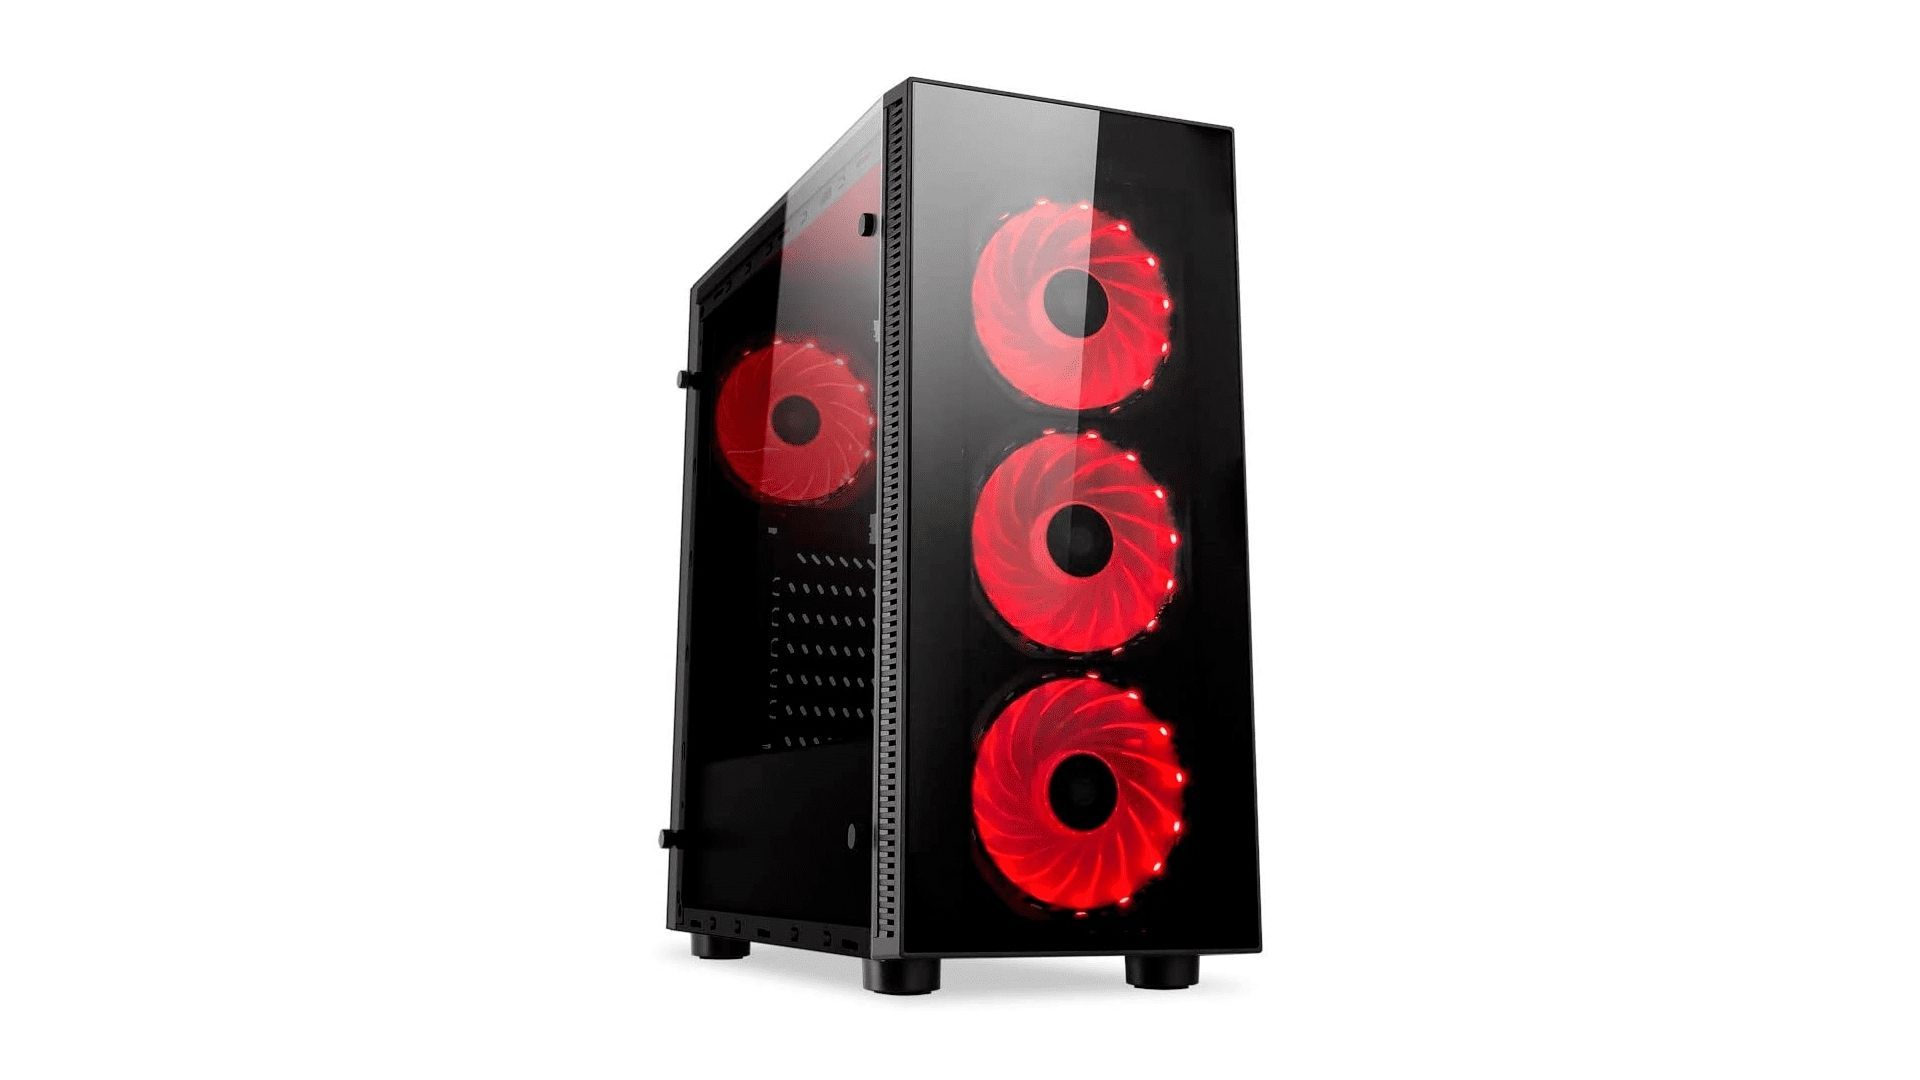 Gabinete Redragon Sideswipe preto com detalhes em vermelho no fundo branco